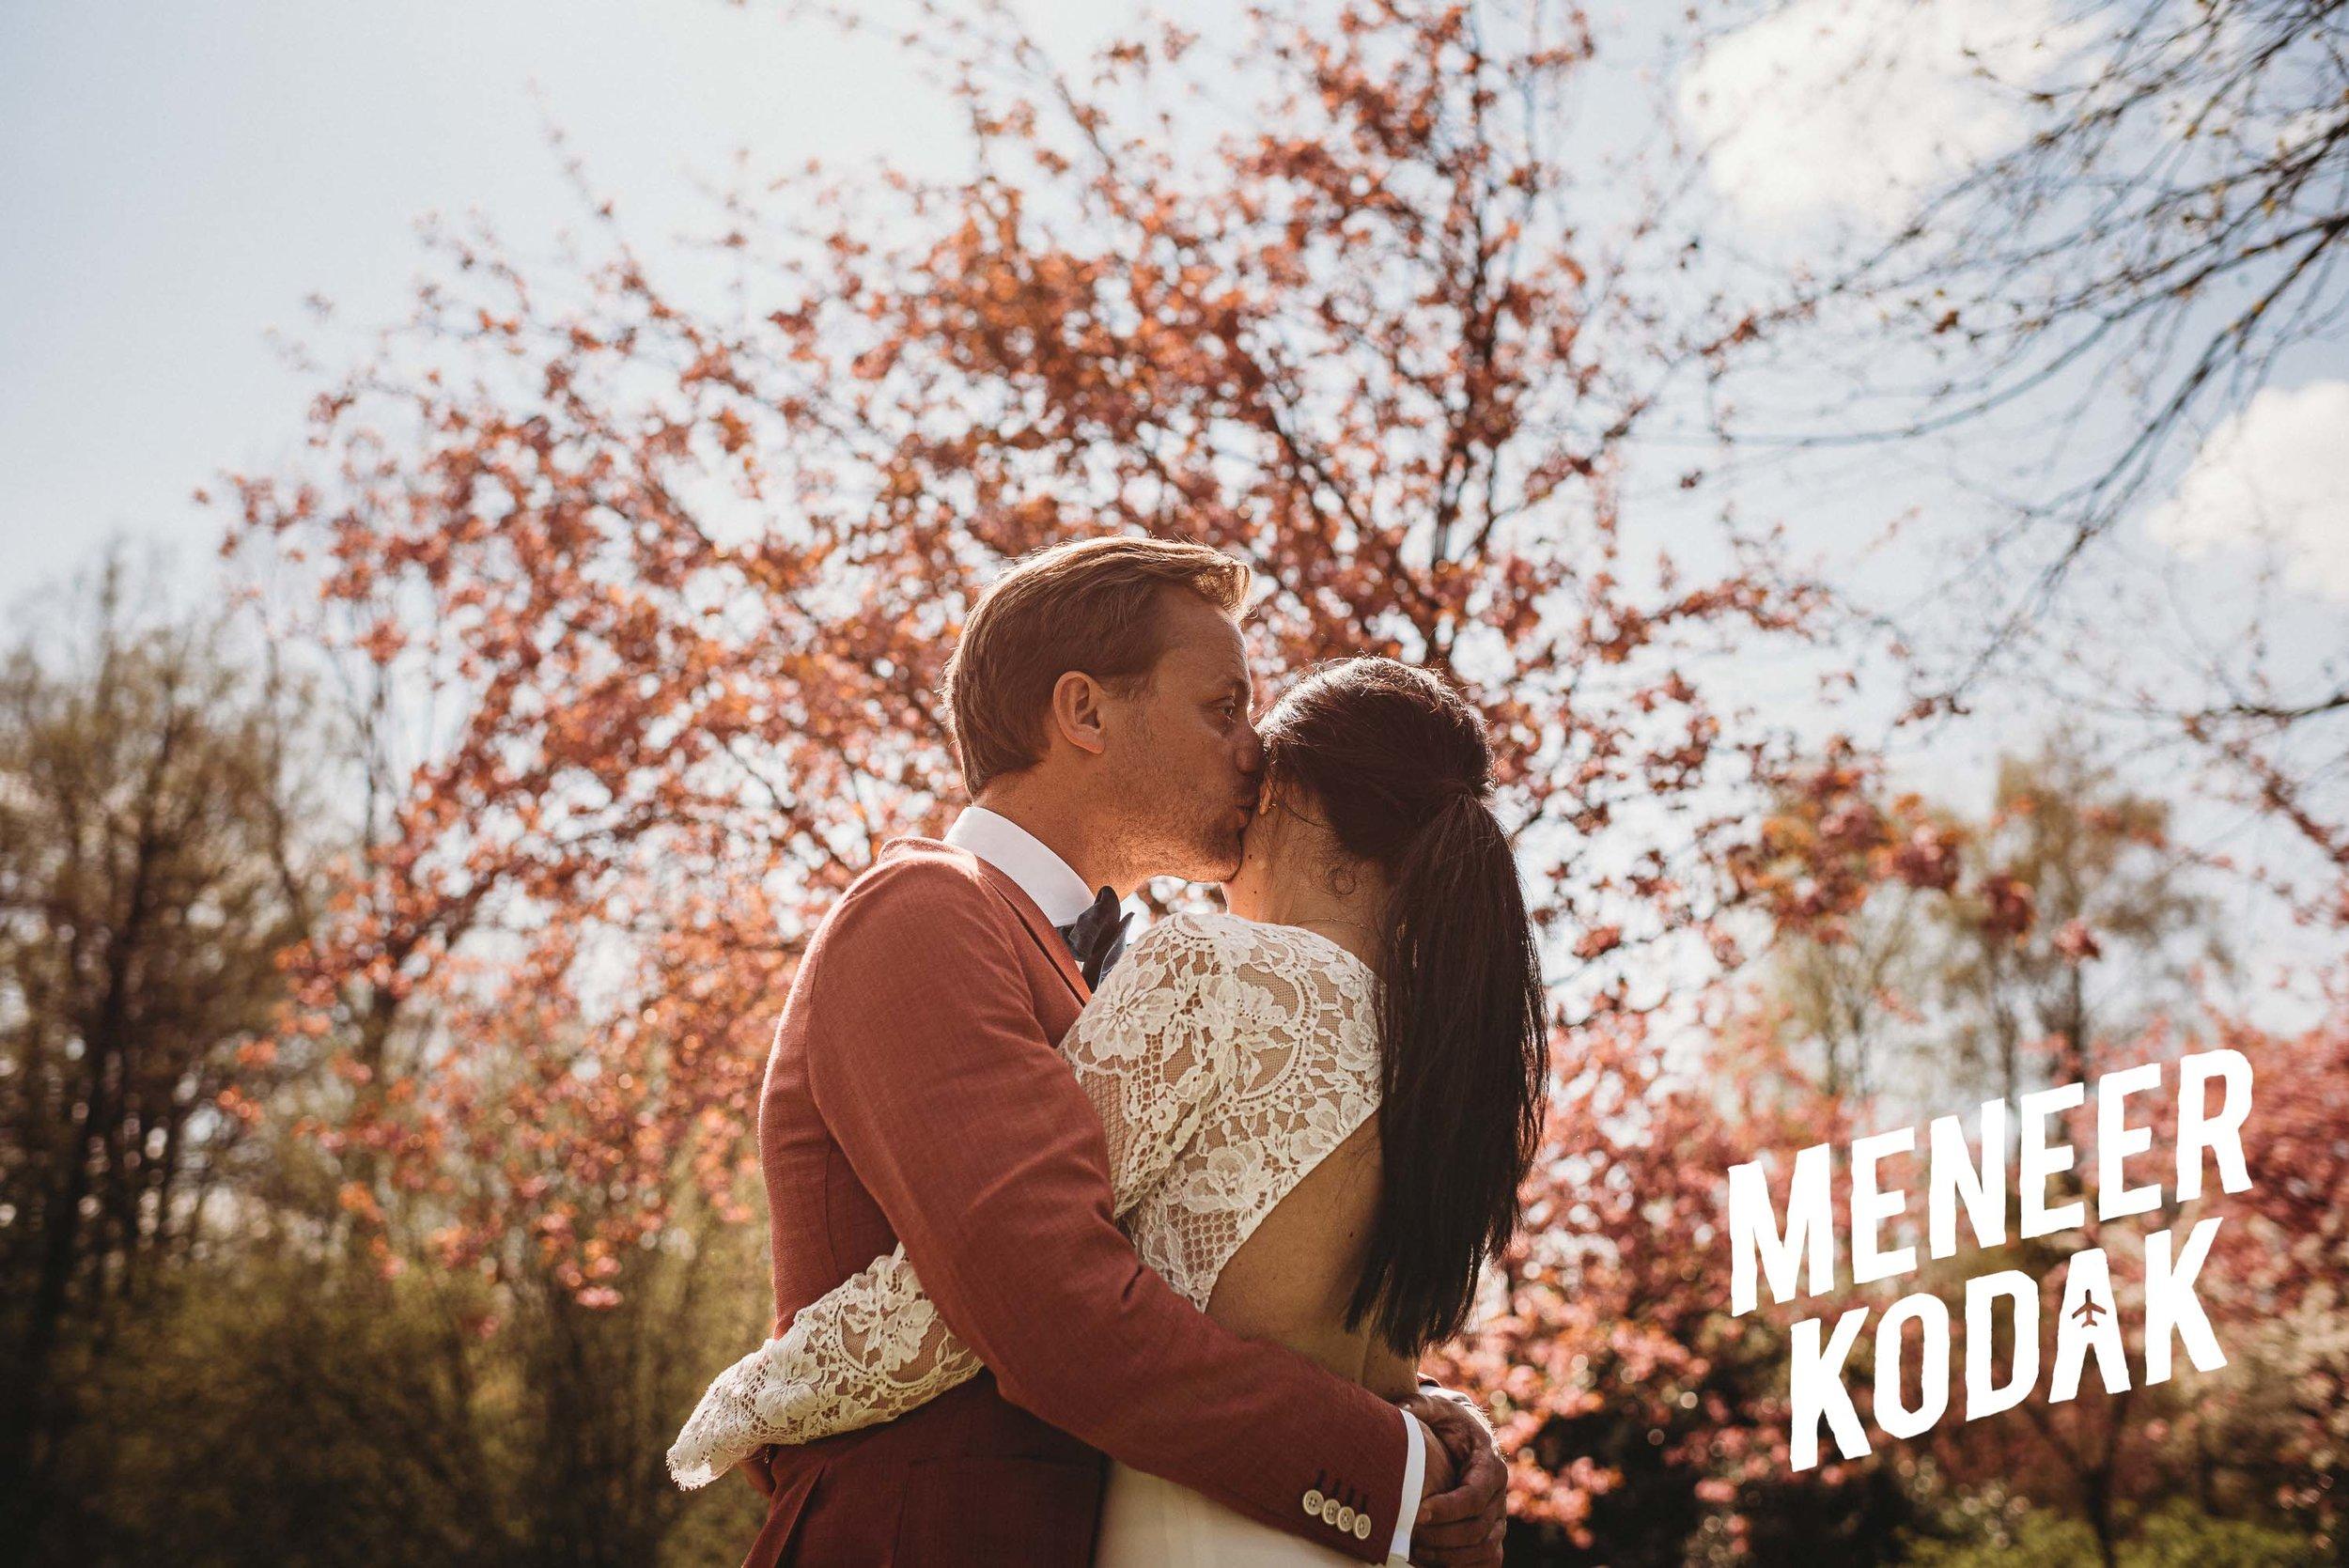 Meneer Kodak - Bruidsfotograaf - Amsterdam - M&J-025.jpg